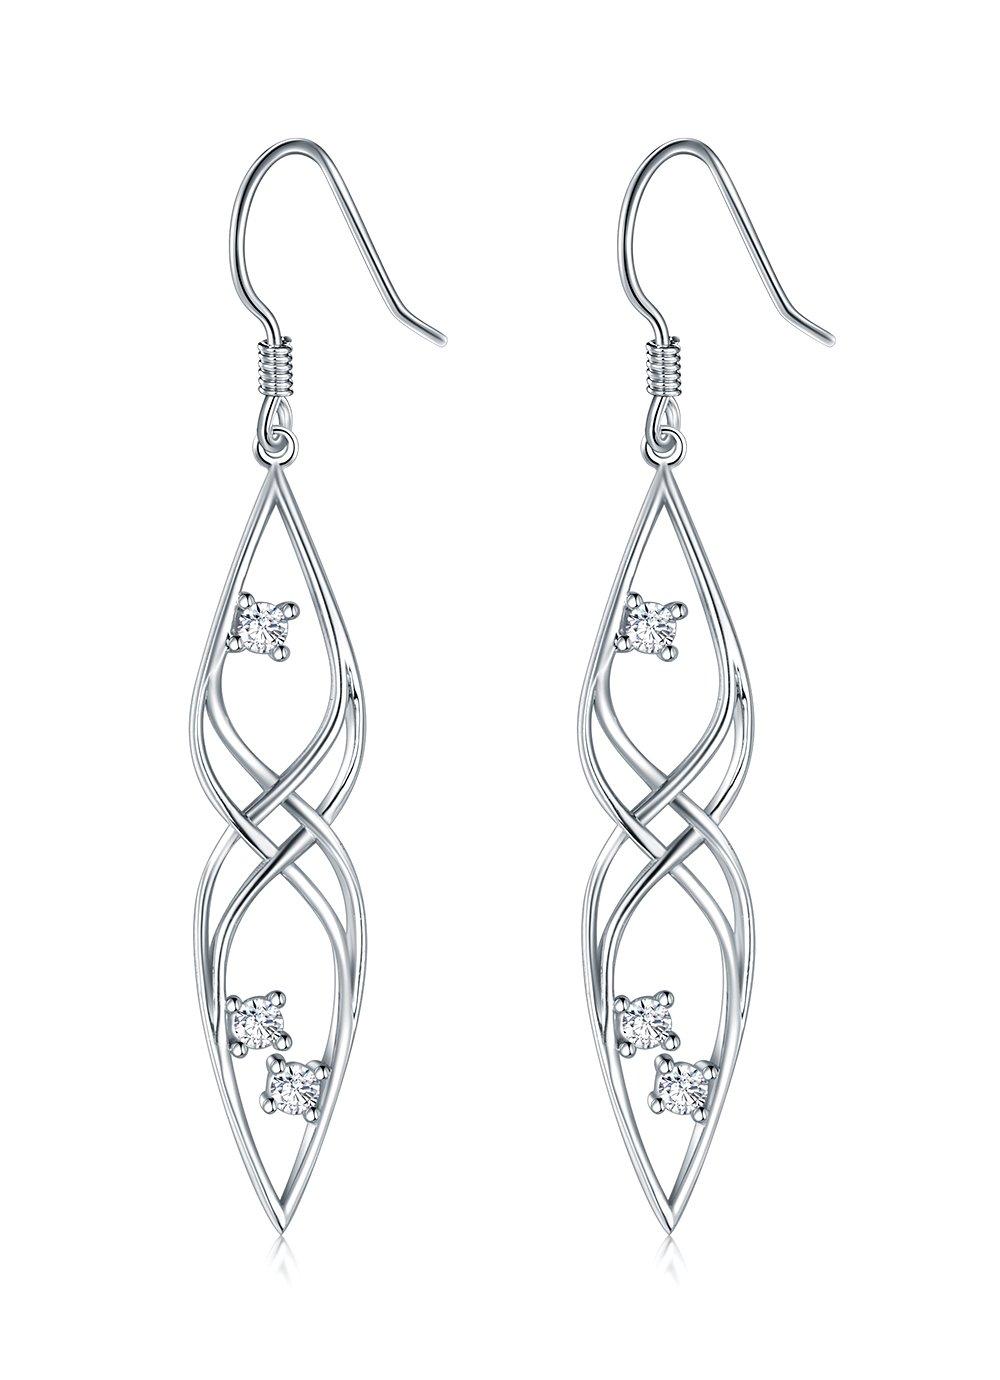 925 Sterling Silver Earrings, BoRuo Filigree Tear Drop Celtic Knot Vintage Dangles